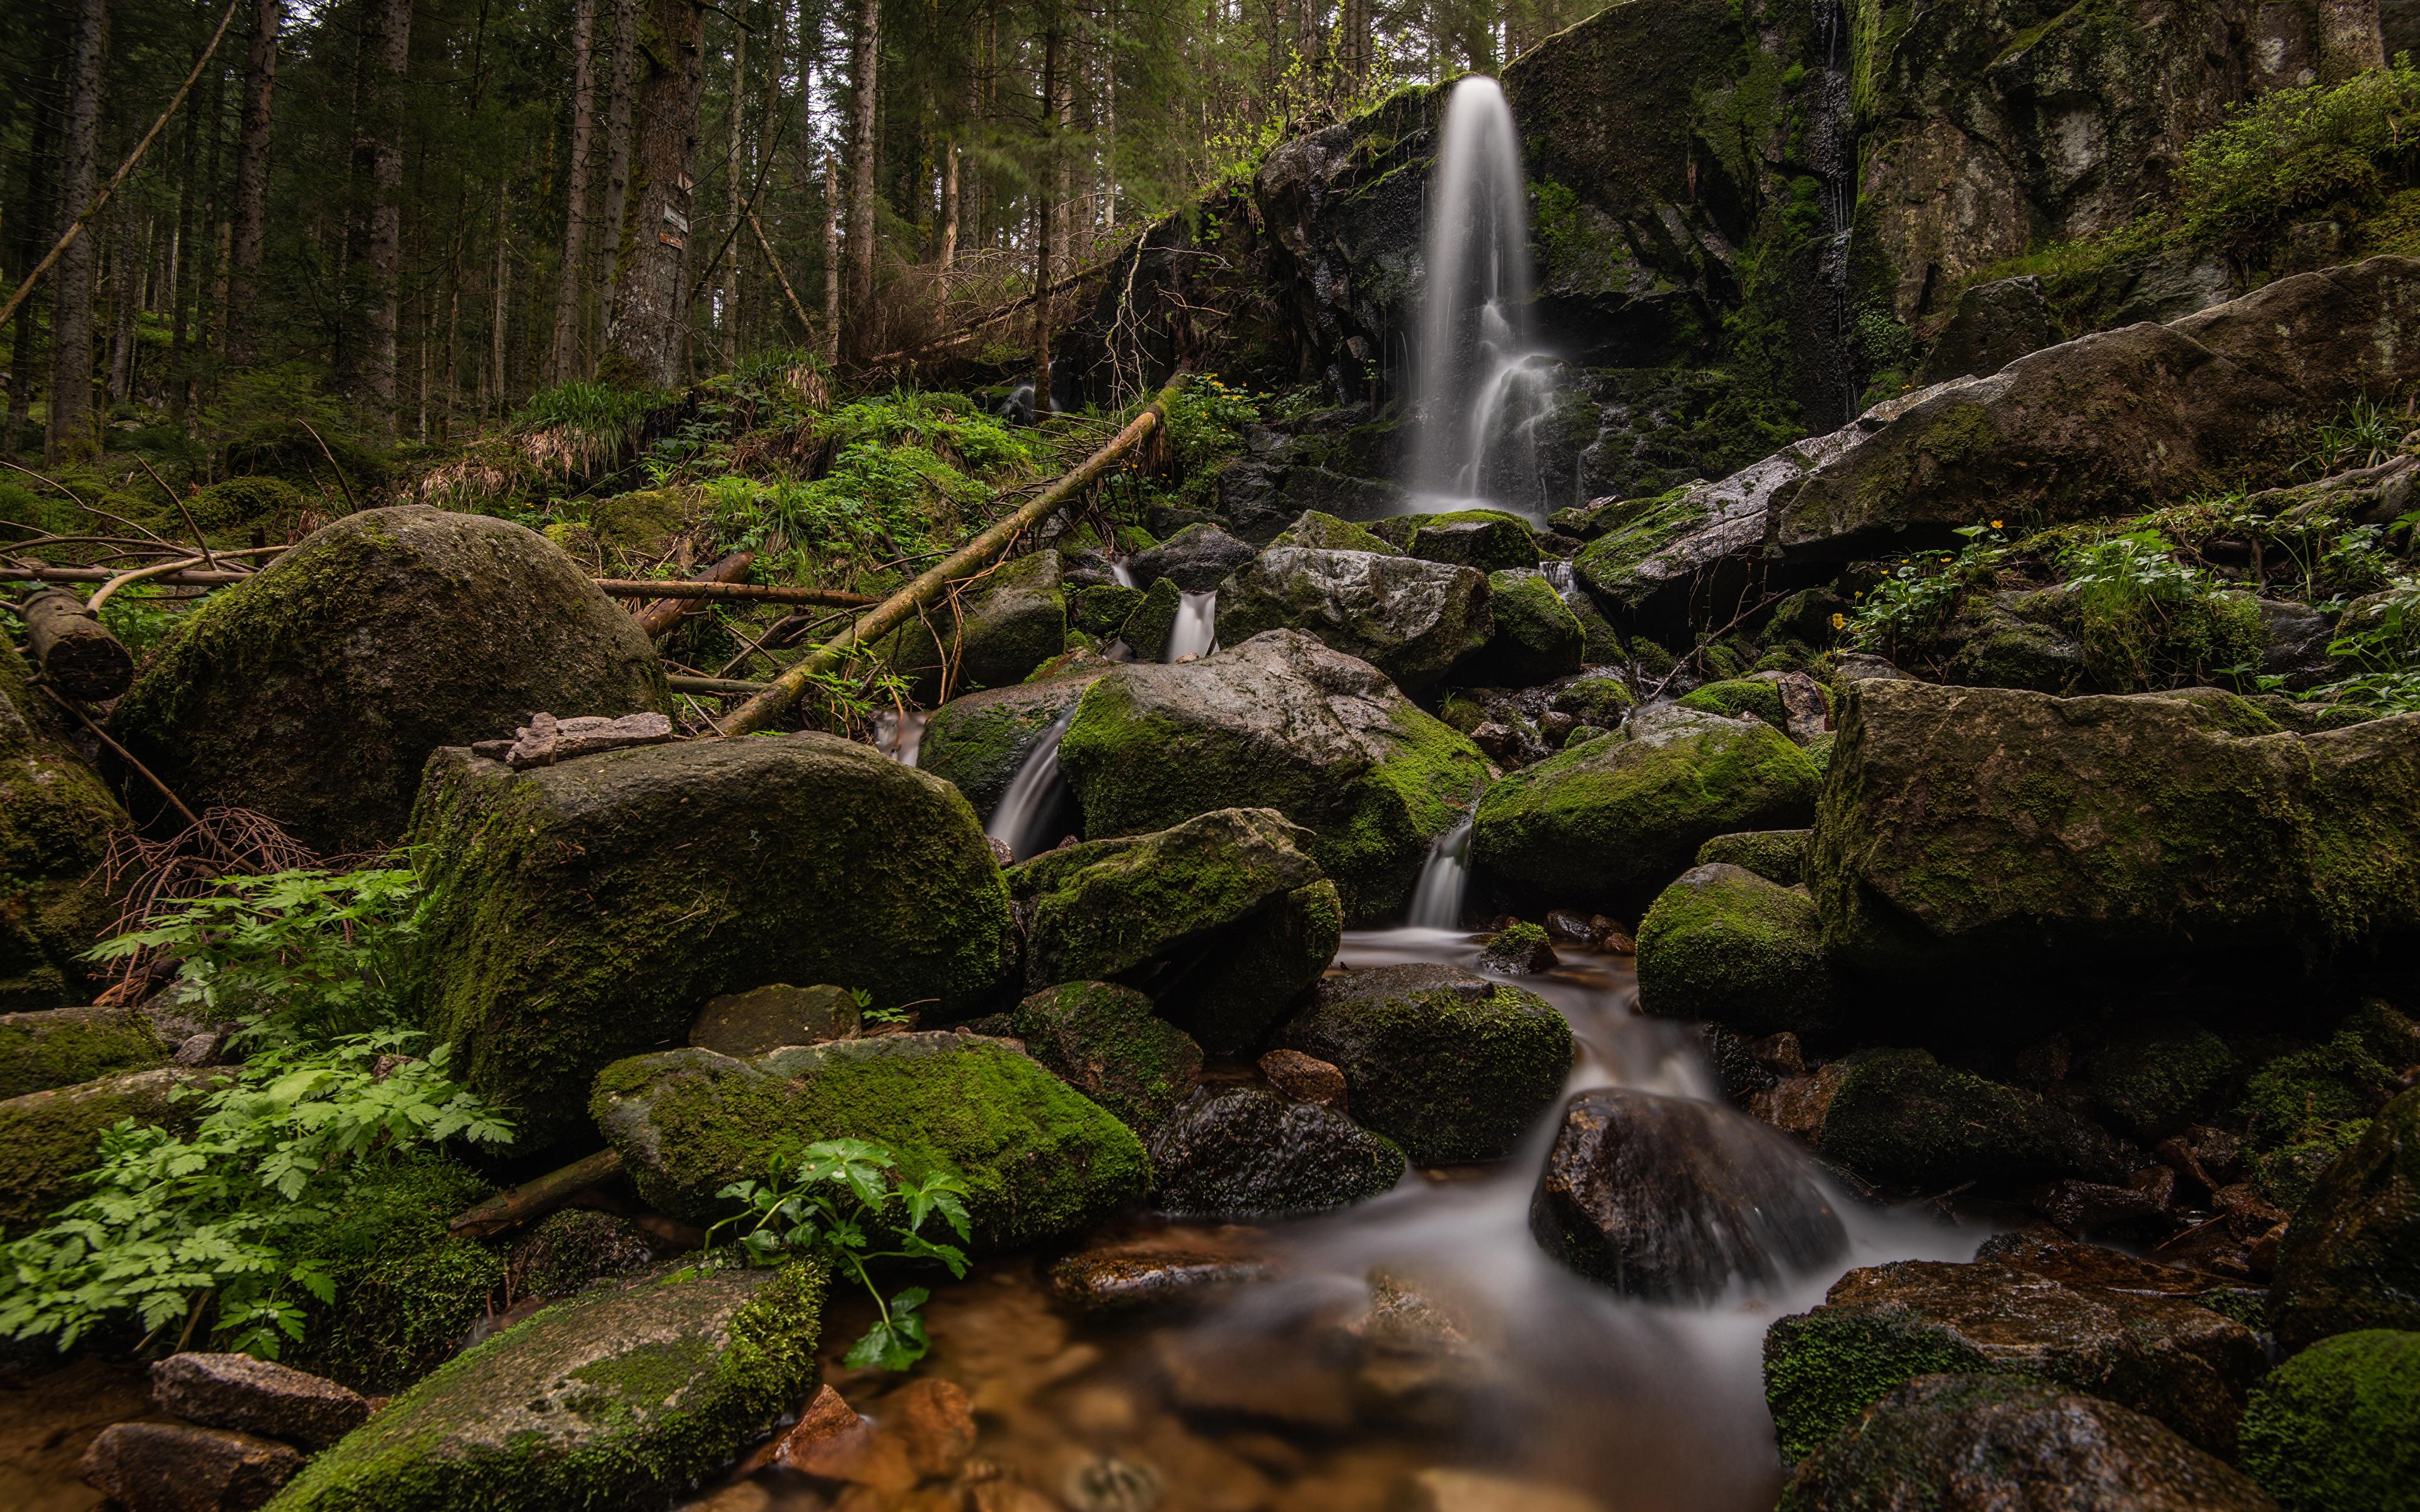 Фотографии Франция Cascade de Merelle скале Природа Водопады Леса Мох Камни 3840x2400 Утес скалы Скала мха мхом Камень